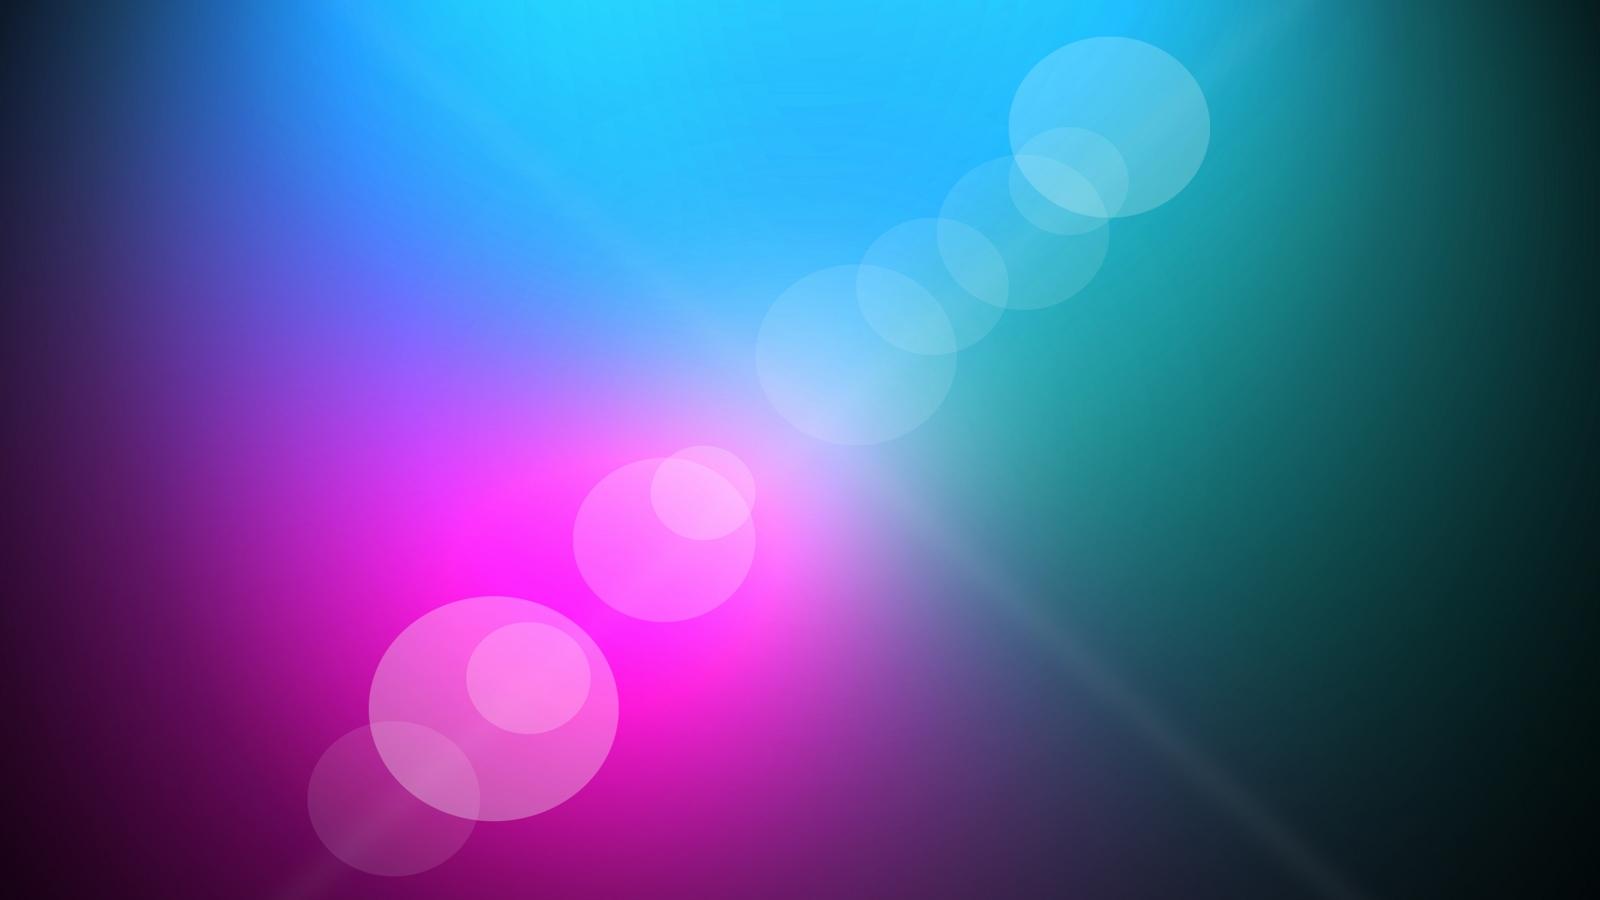 Синий candy цвет розовый